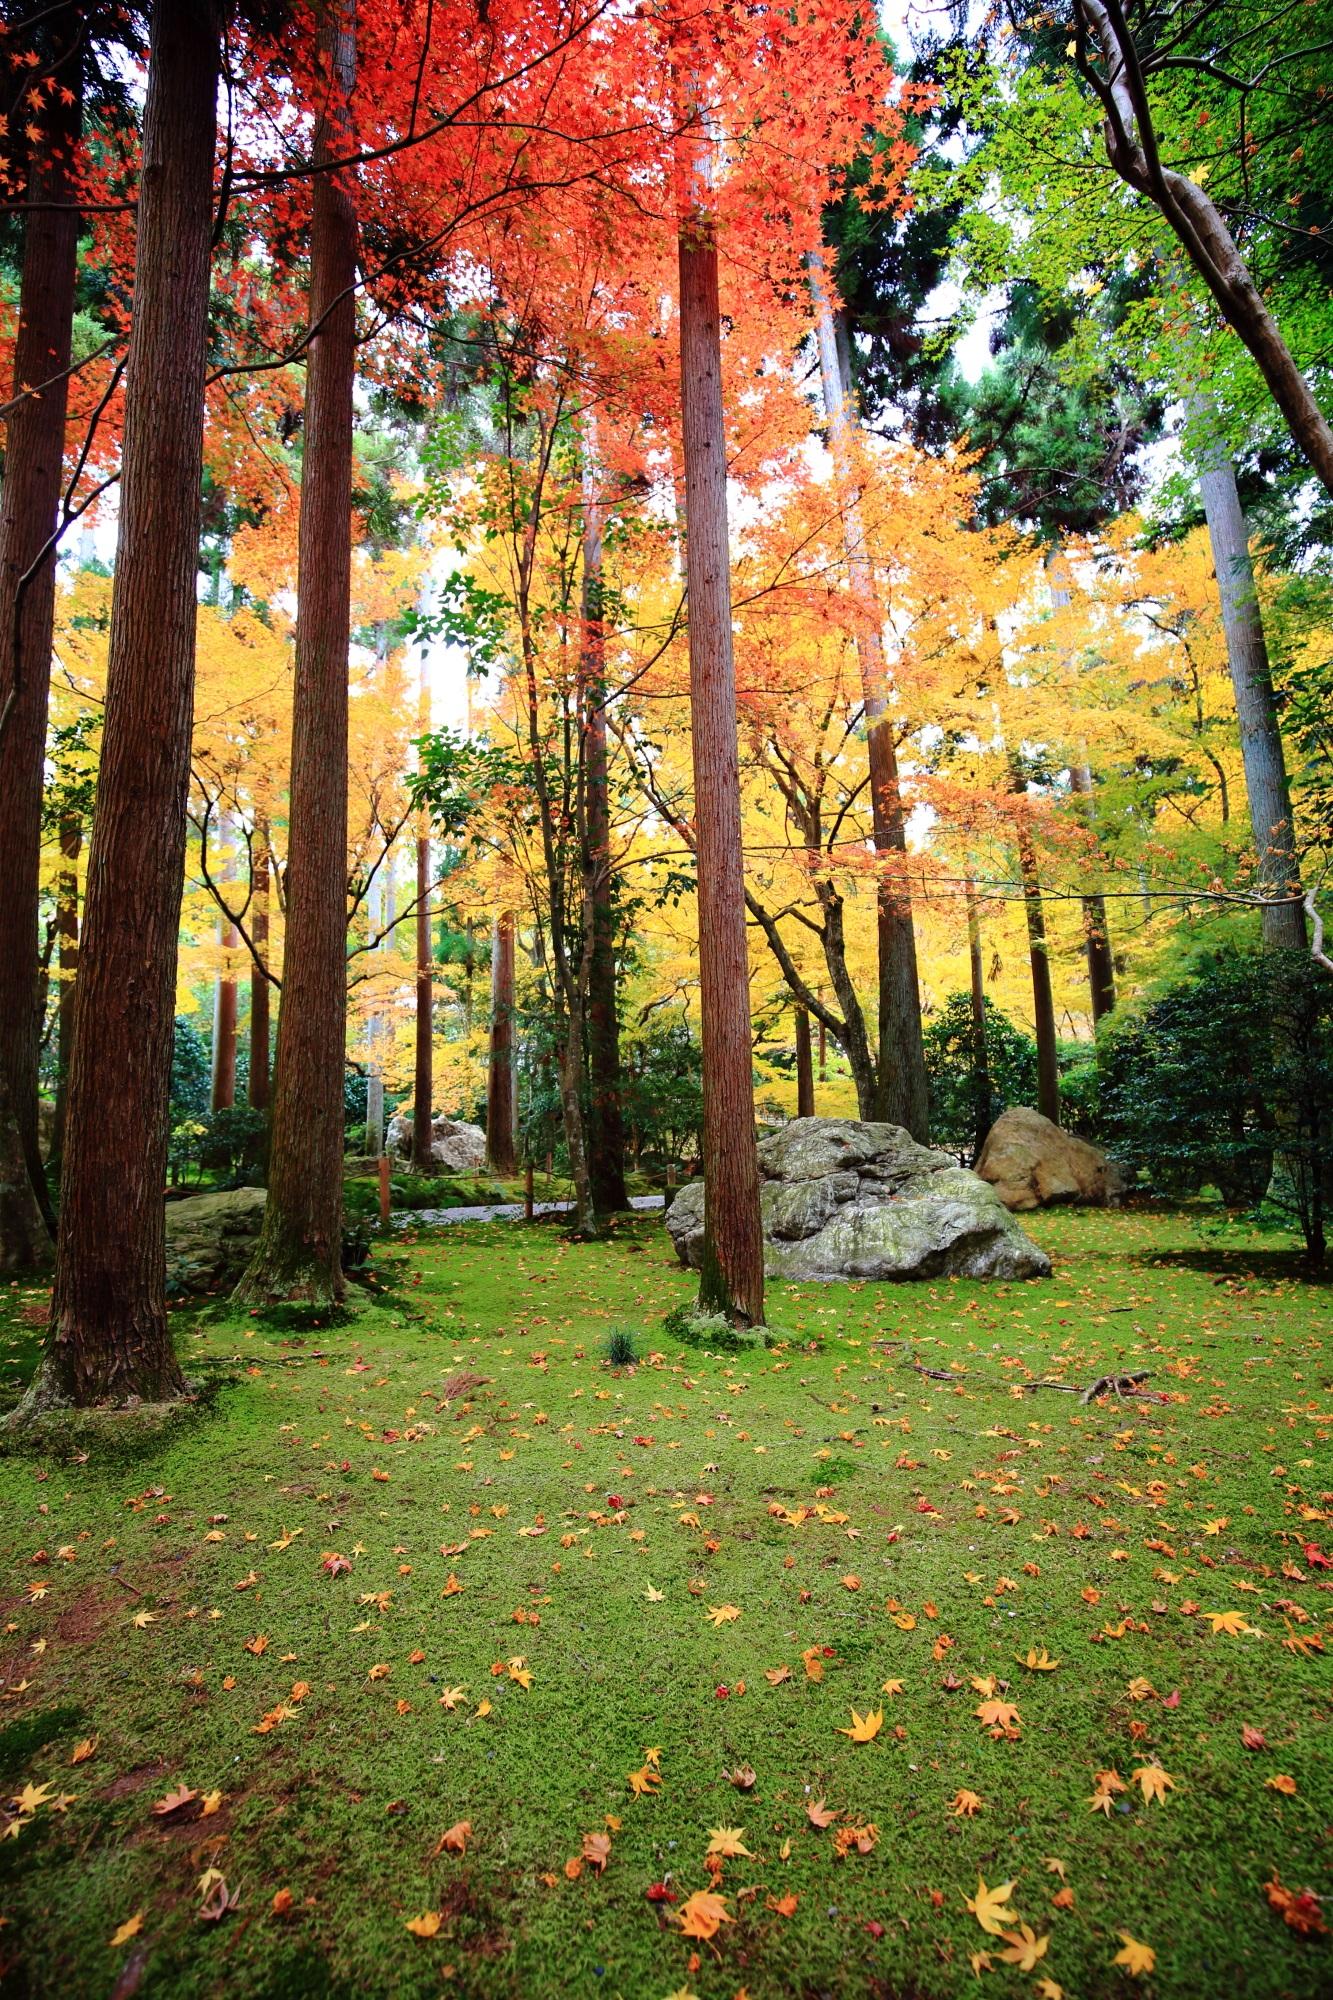 真っ直ぐに伸びた杉の木の間で色づく紅葉